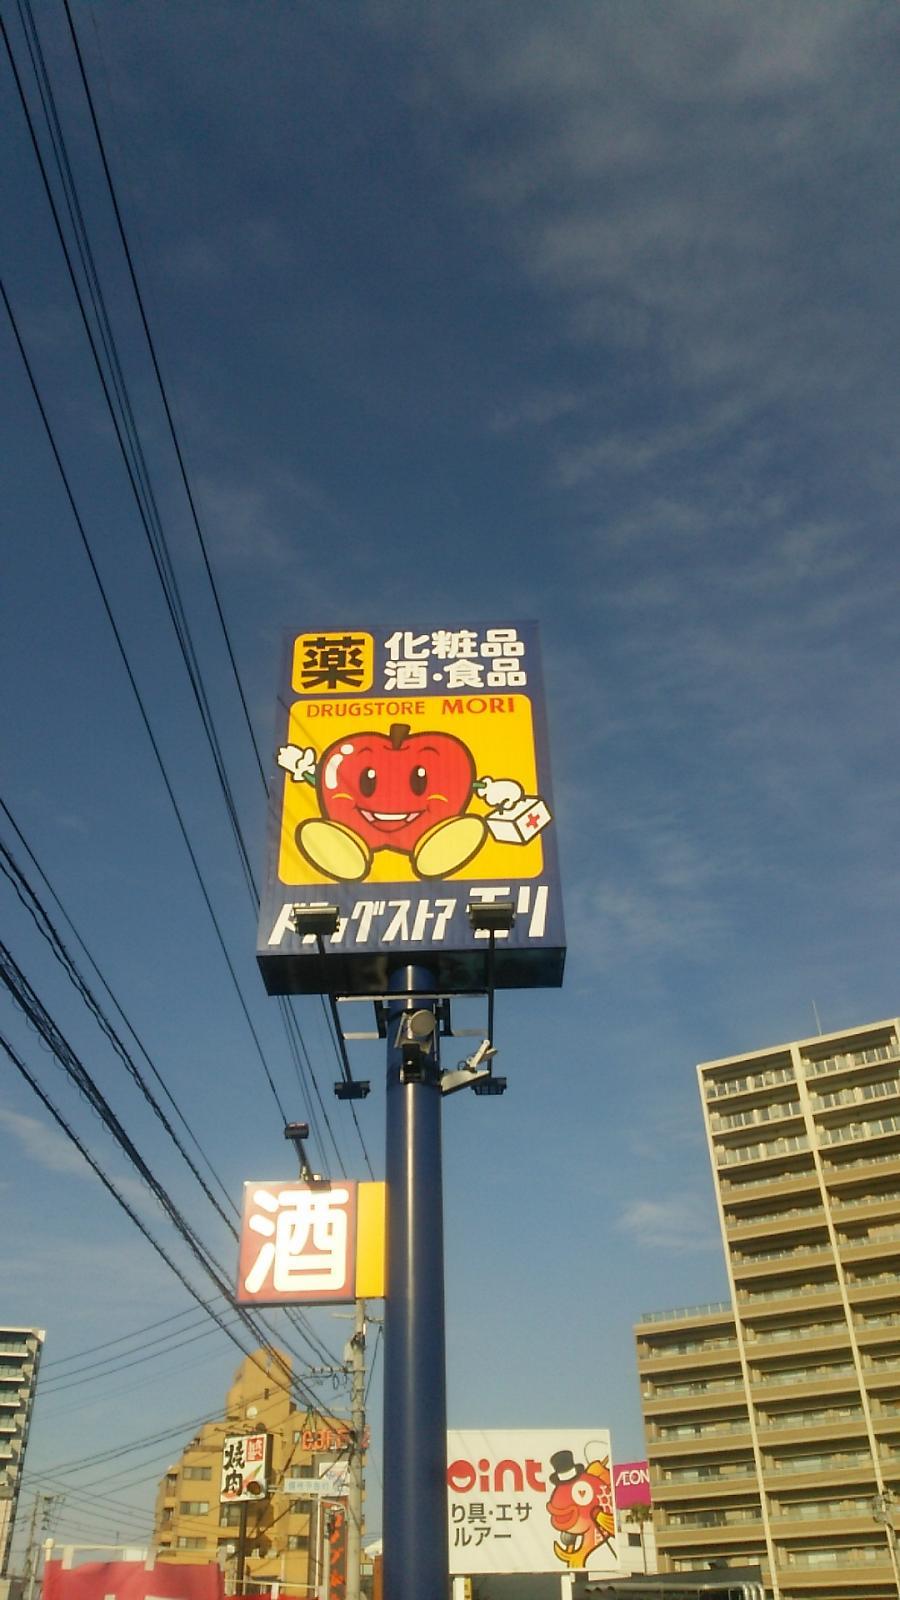 宮崎 ドラモリ